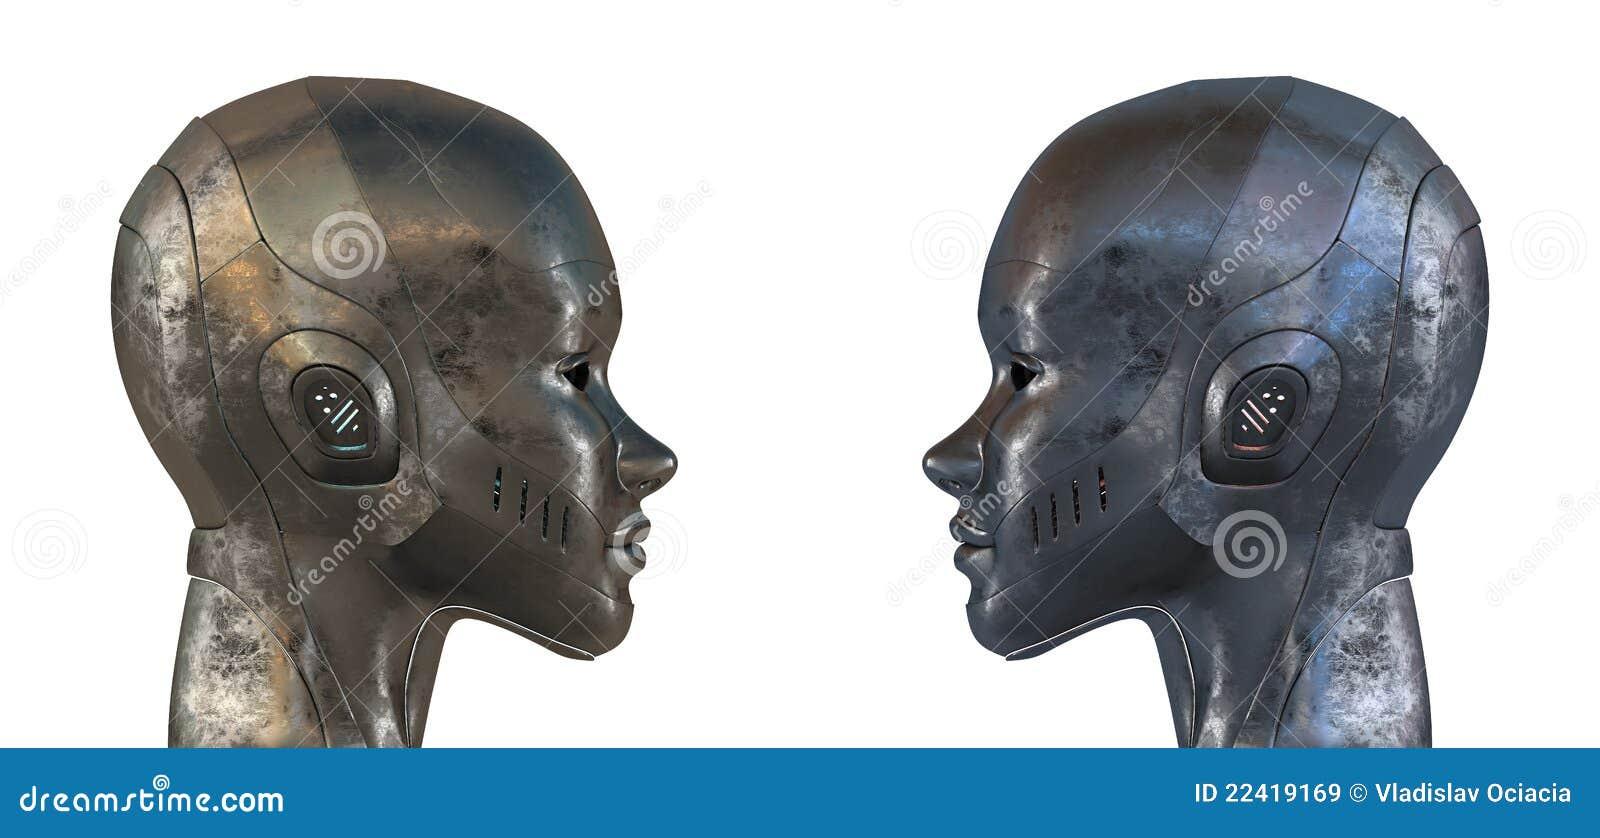 Lika profilrobotstål två